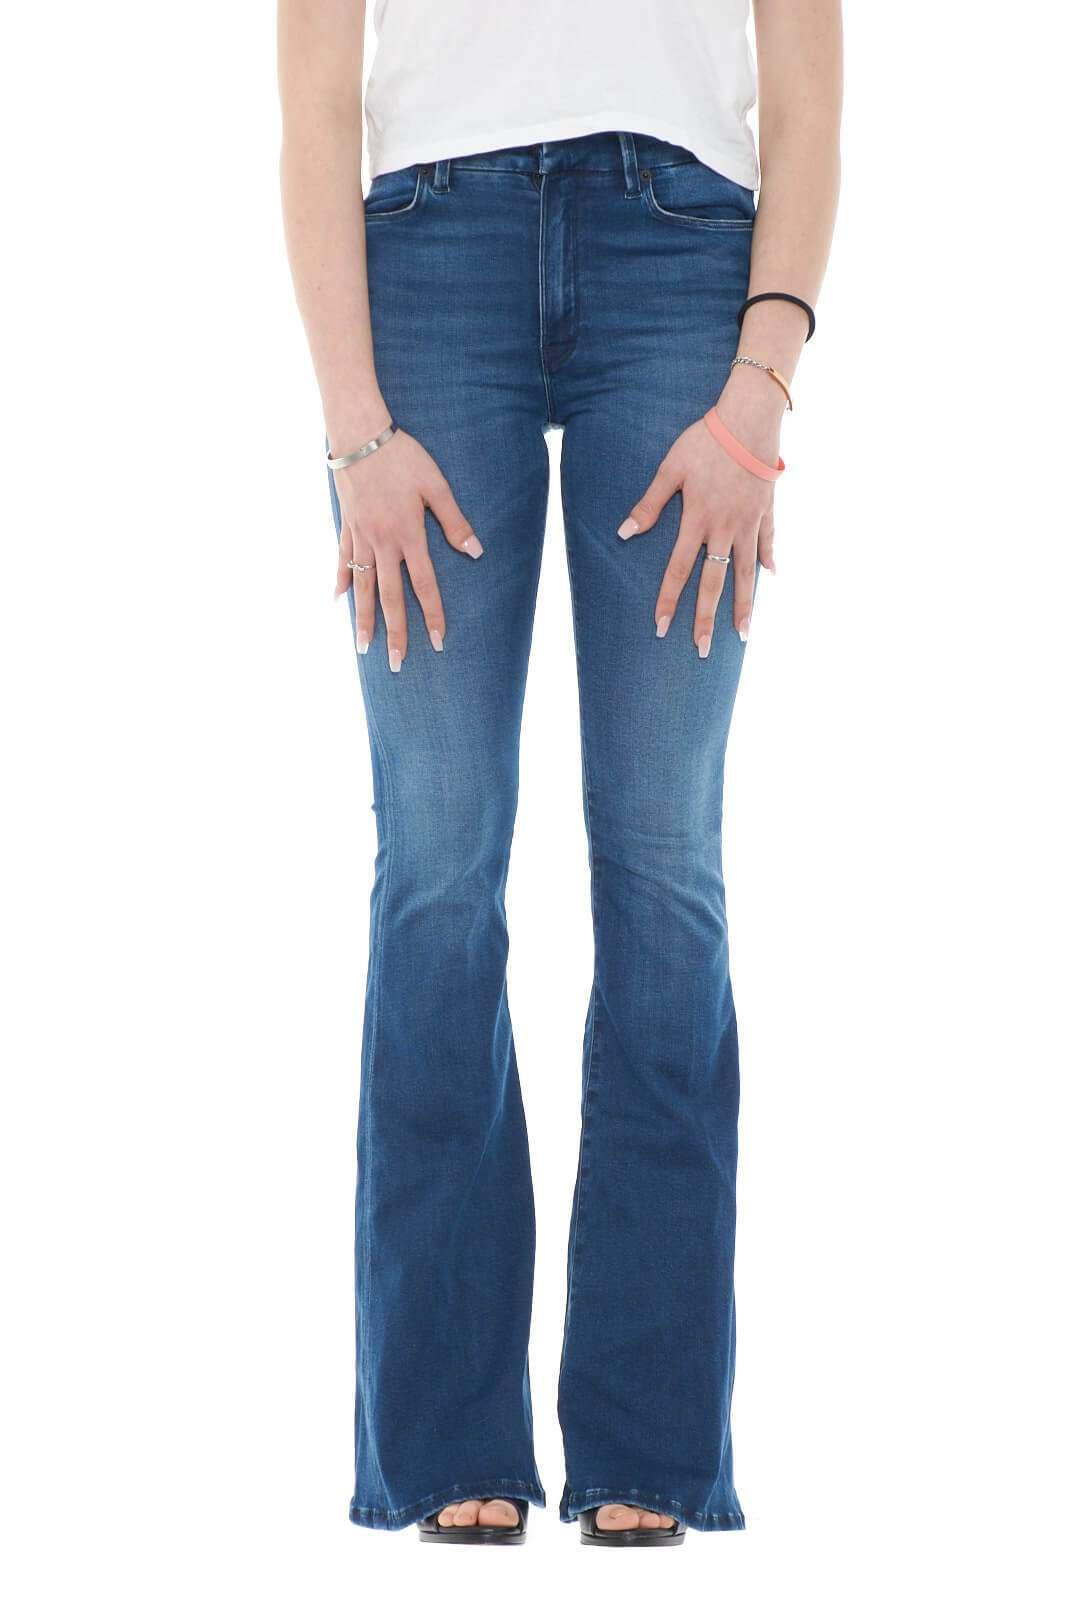 Iconico e alla moda, il jeans a zampa firmato Dondup. Perfetto per le occasioni più mondane, dove potrai osare con abbinamenti chic e versatili. Per la donna che ama creare tendenze.